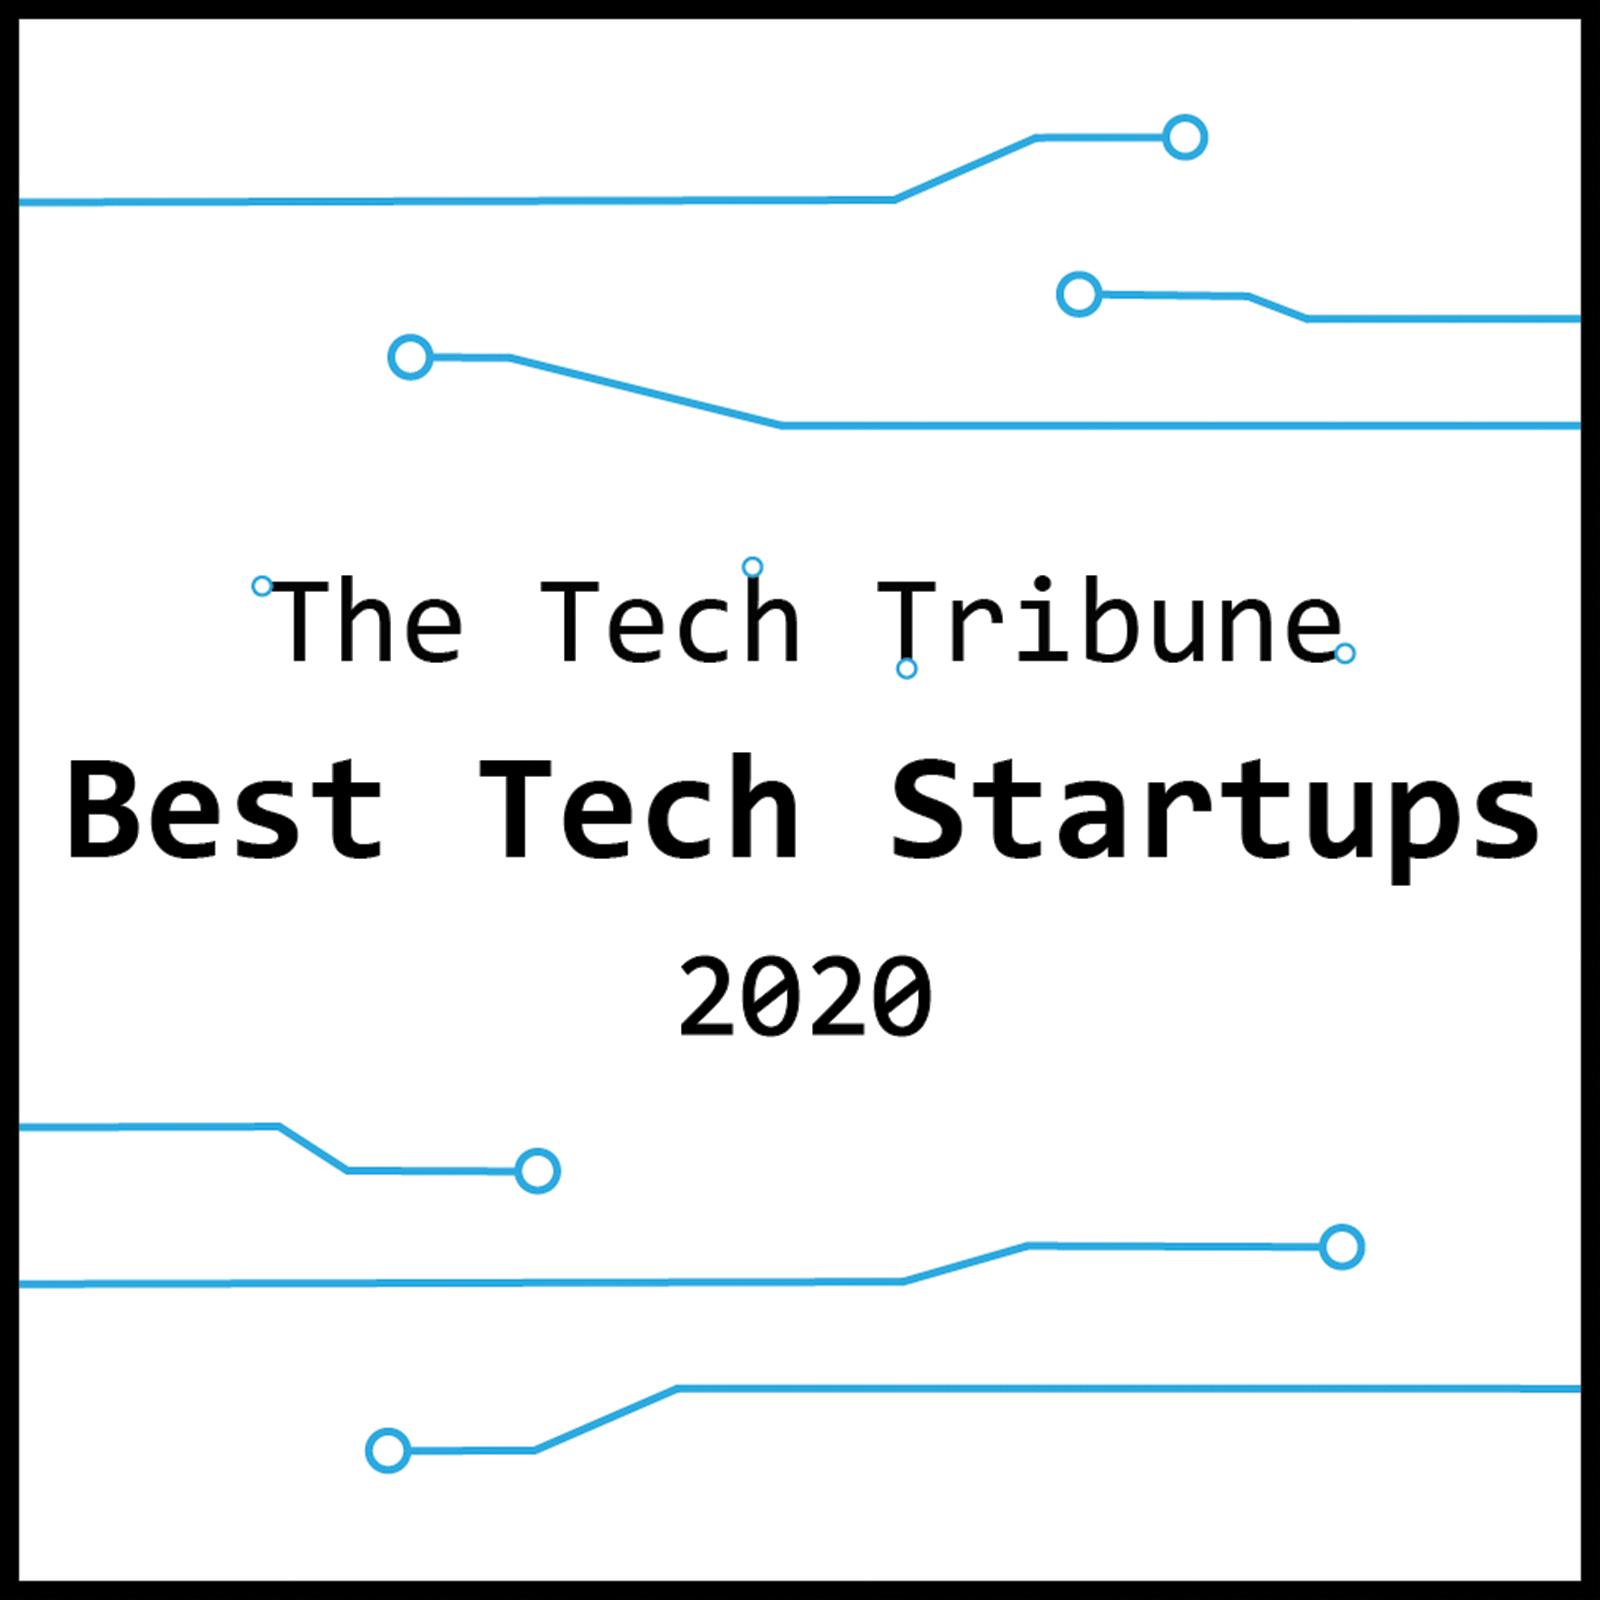 Best Tech Startup 2020